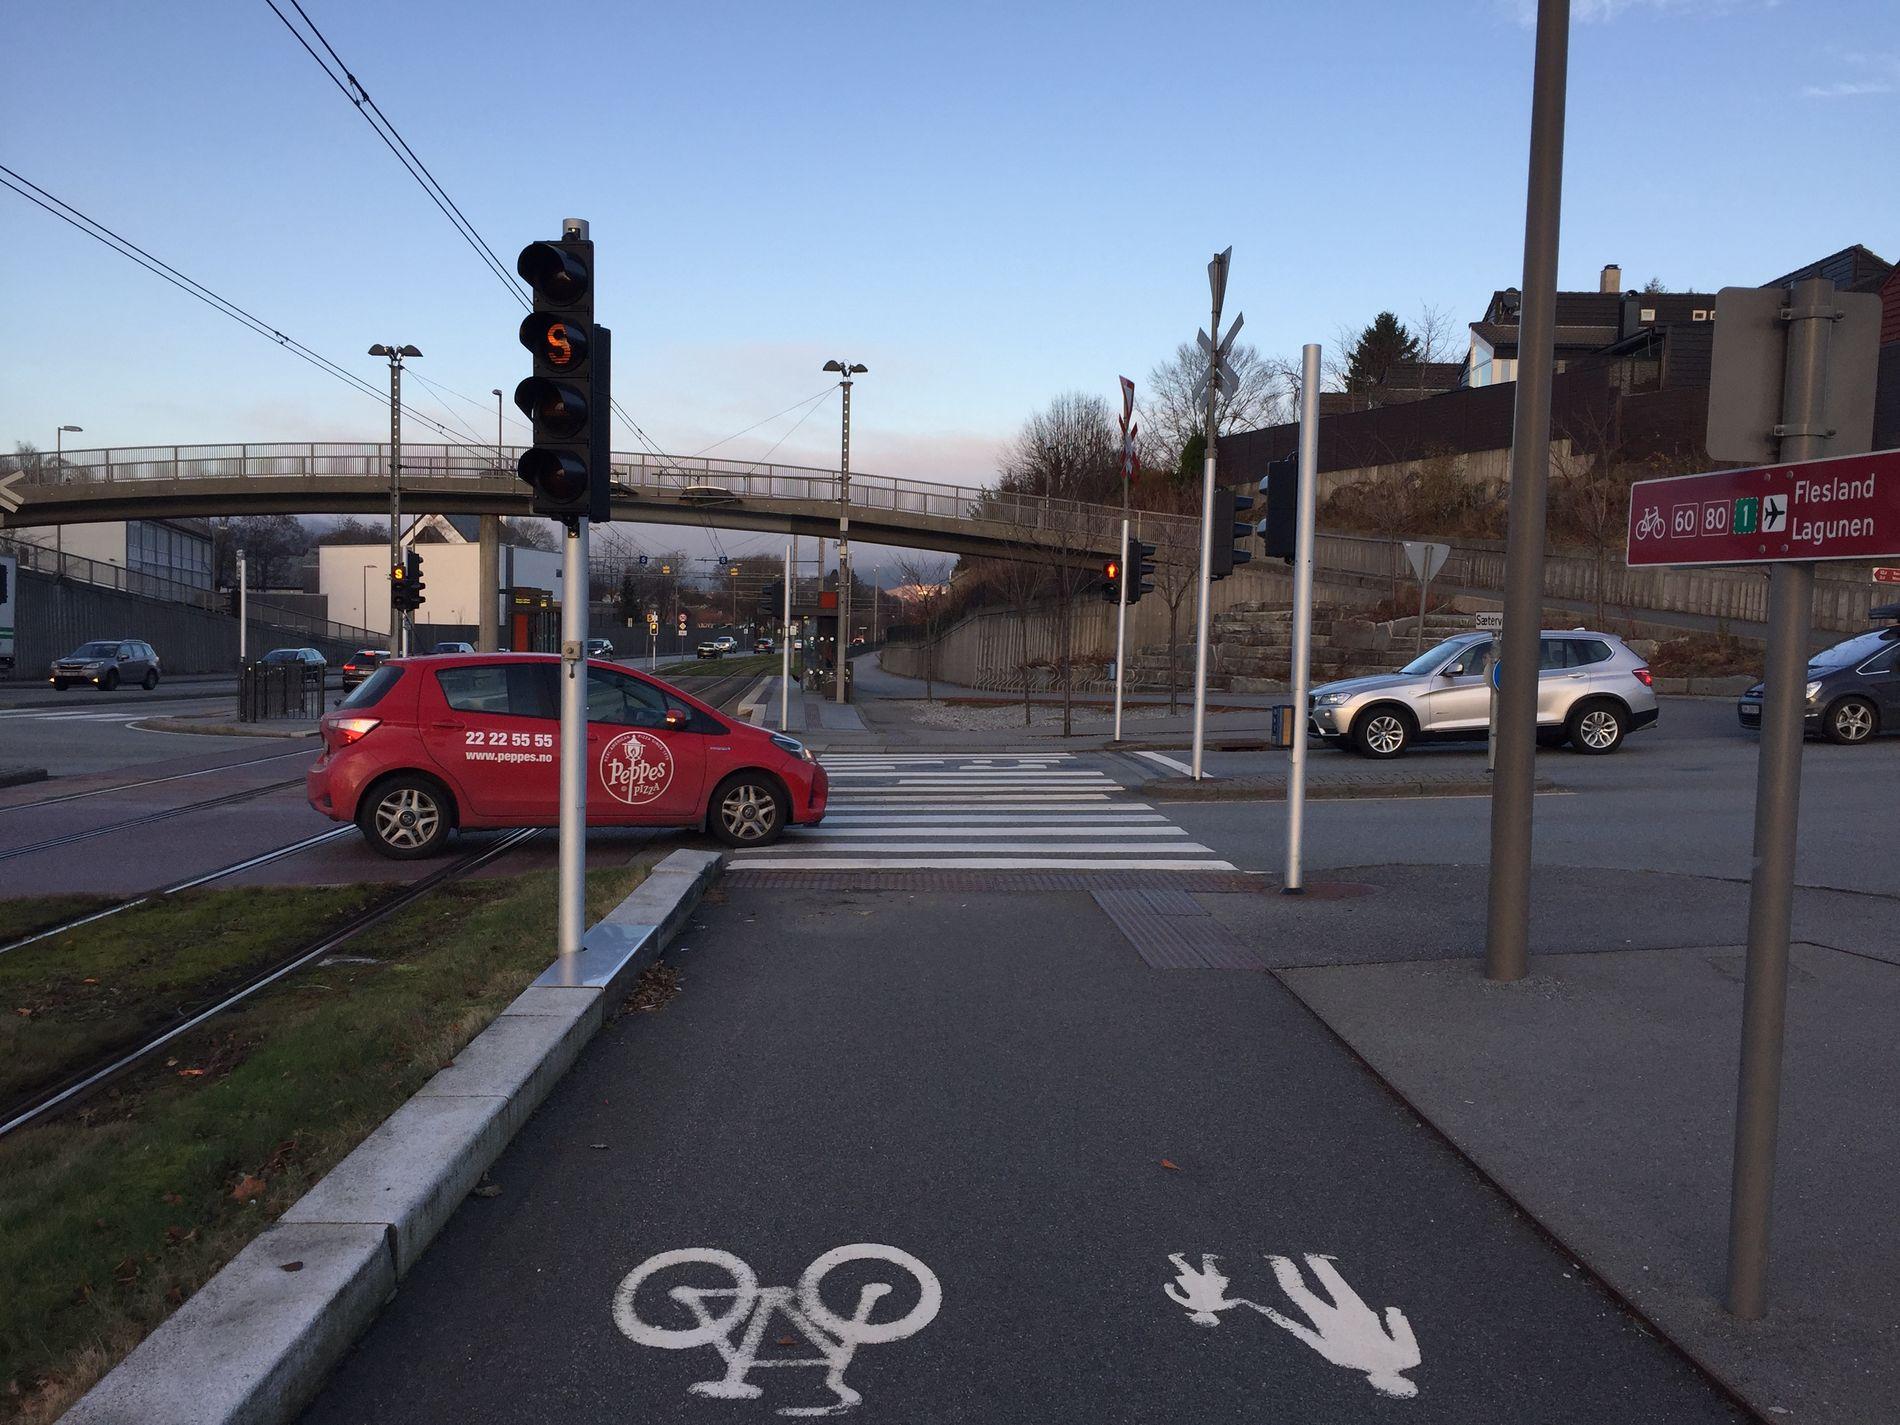 BILDE 3: Kryss Fanavegen-Sætervegen. Sætervegen er den mest trafikkerte sidevegen i området. Her vil trafikken øke fremover pga fortetting. Byrådet foreslår at sykkelstamvegen skal krysse Sætervegen. Dette medfører dårlig framkommelighet og trafikkfare, ifølge innsenderen. I et VEST-alternativ blir det ikke nødvendig å krysse Sætervegen.